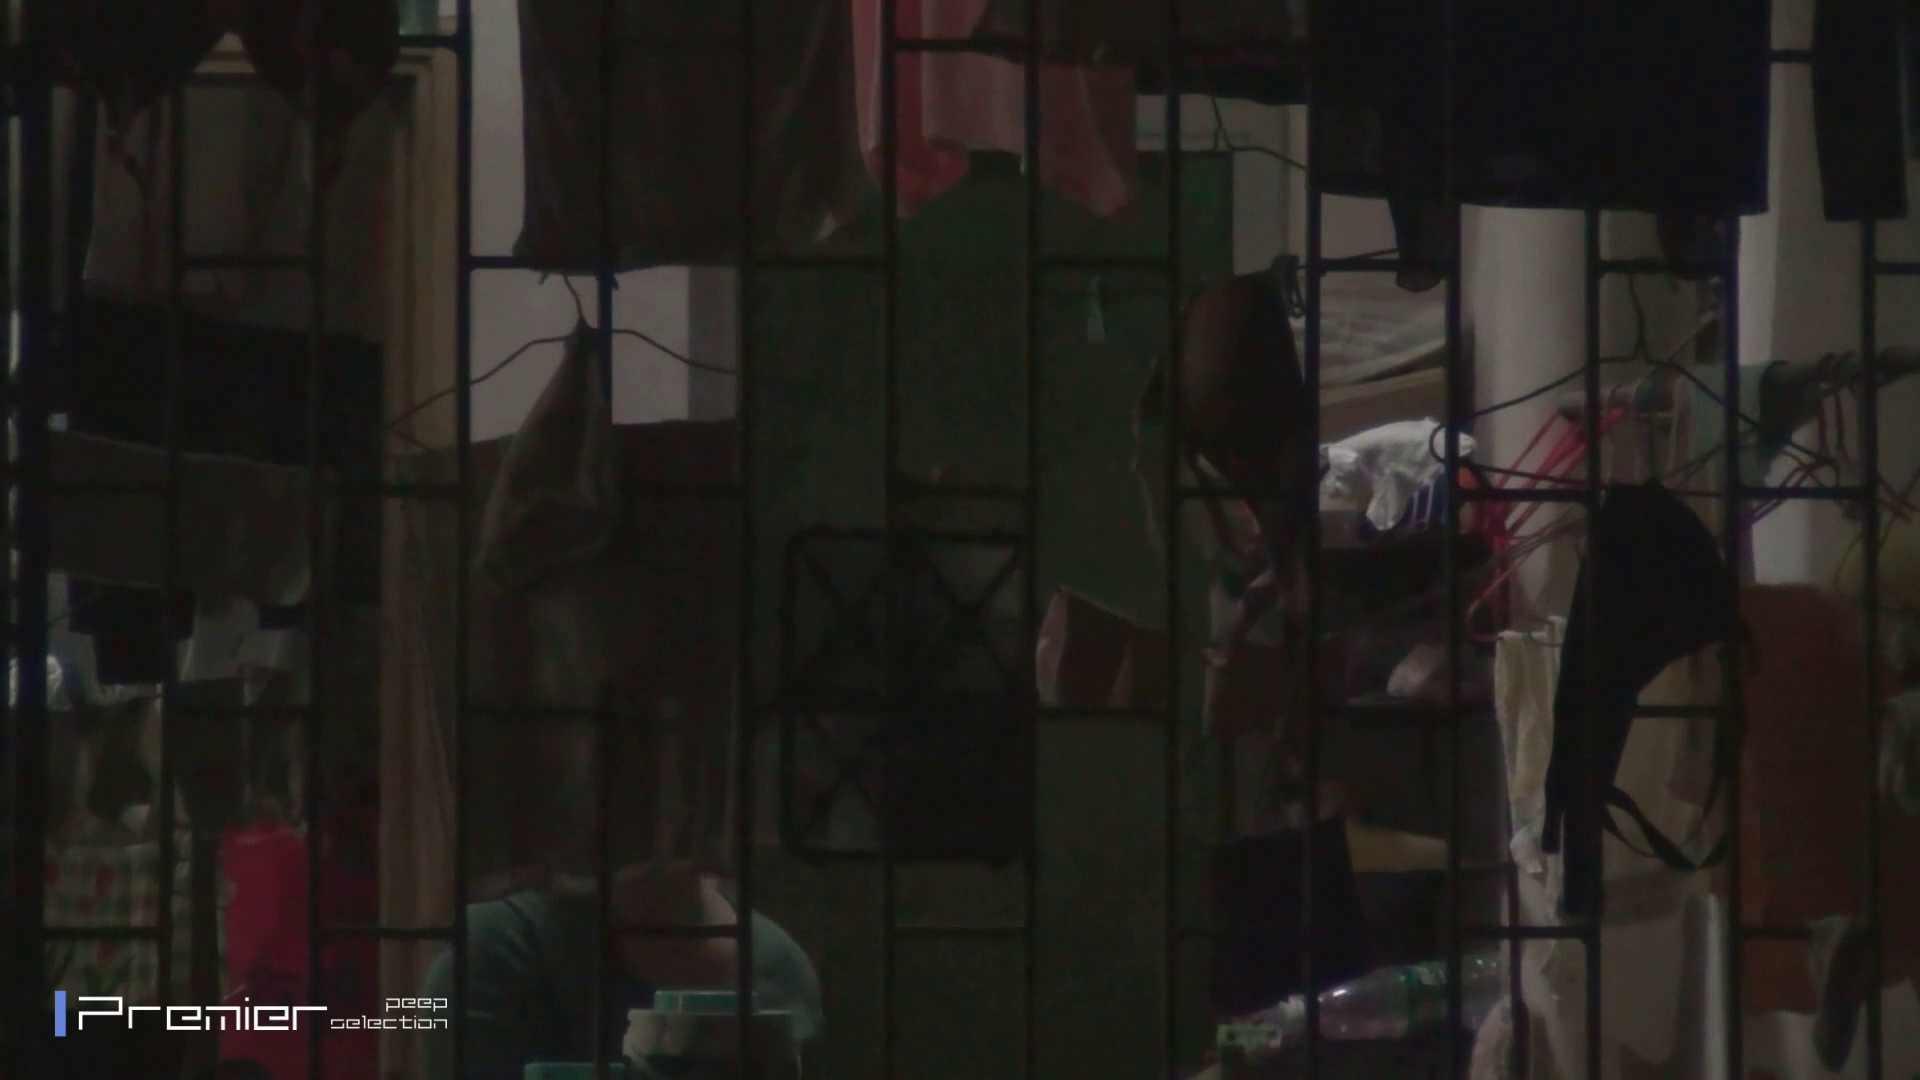 美女の痴態に密着!洗濯物を干す女 Vol.07 美乳 オメコ無修正動画無料 98画像 71